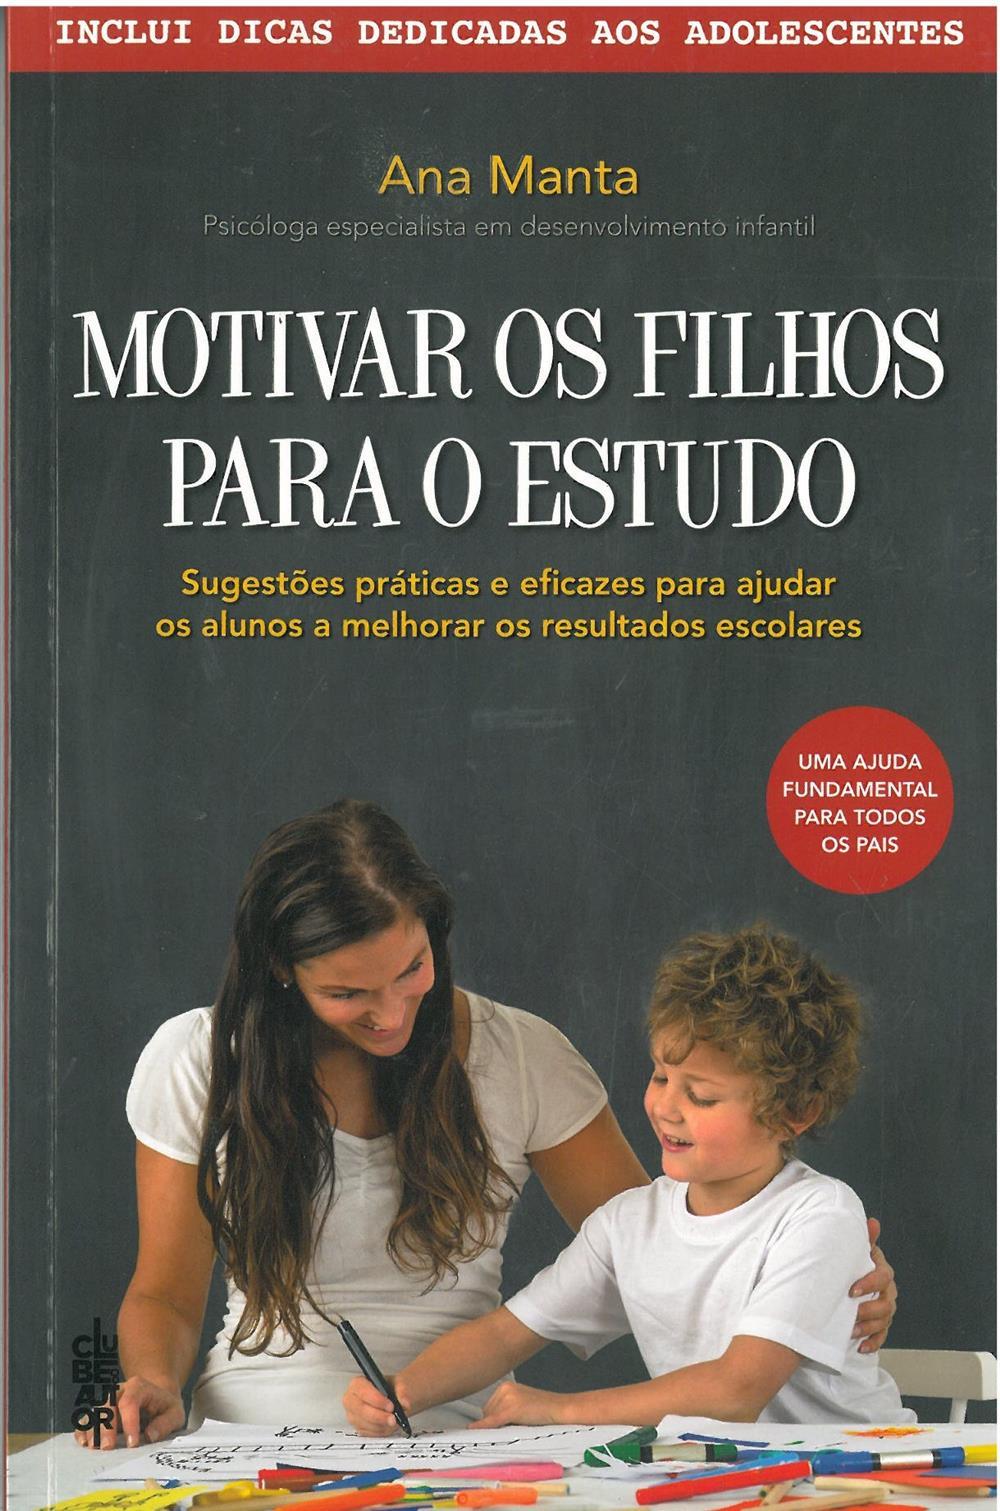 Motivar os filhos para o estudo.jpg